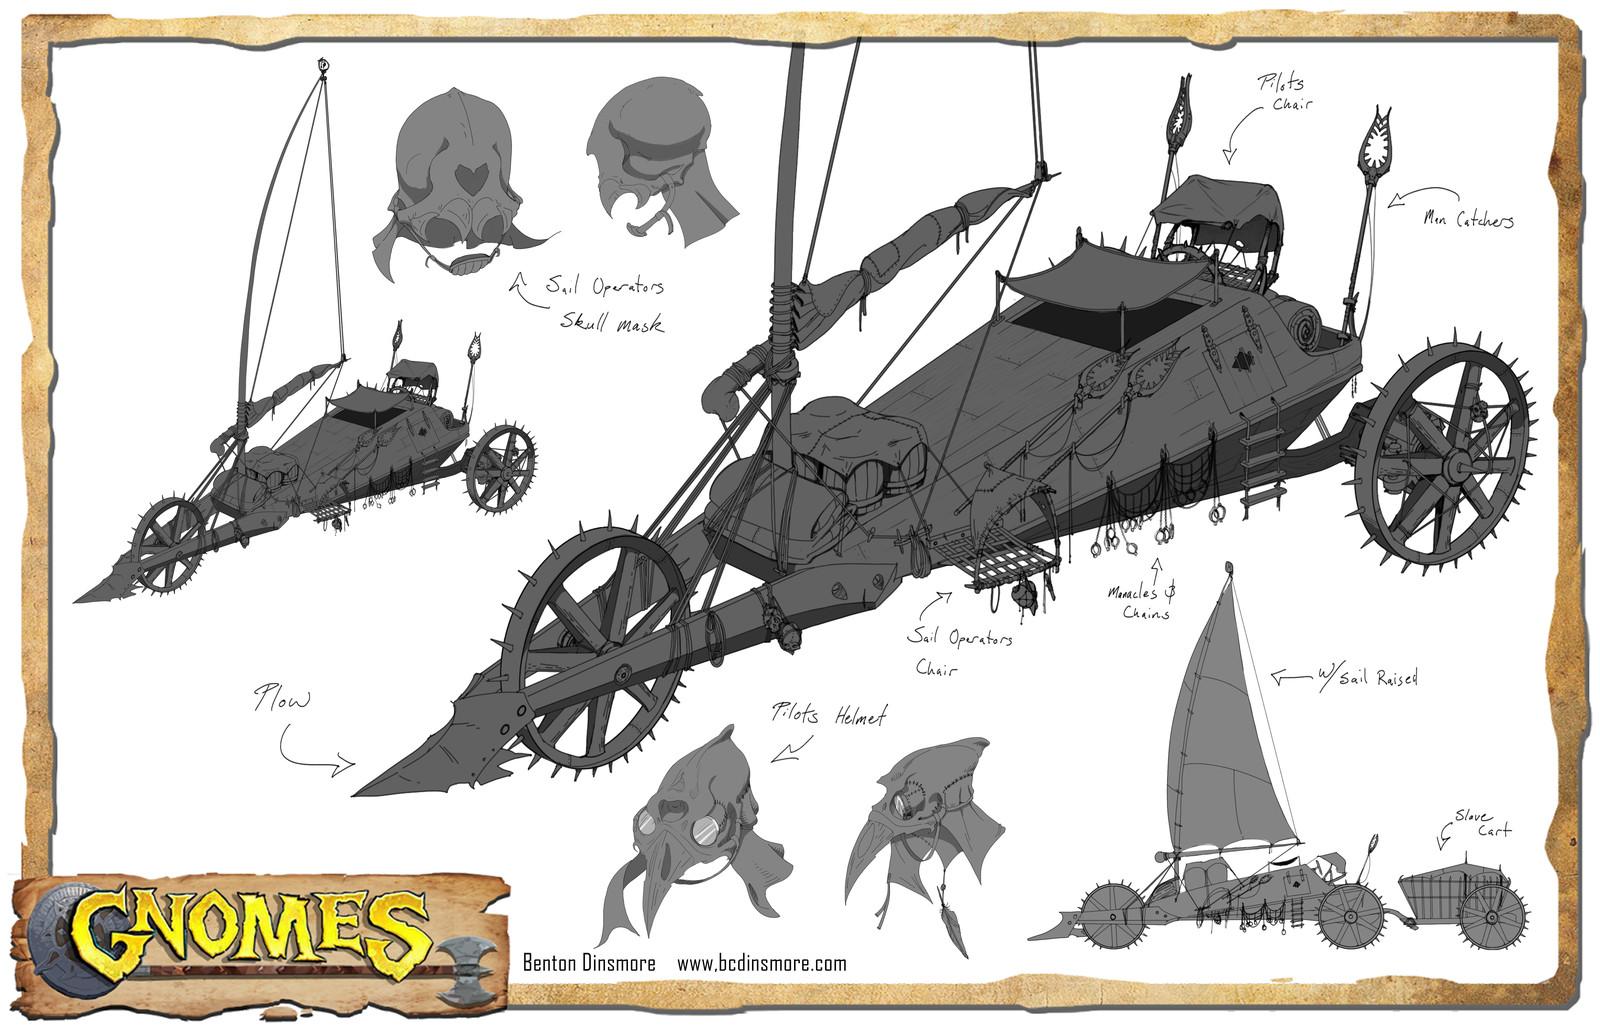 Gnomes - Prop Design